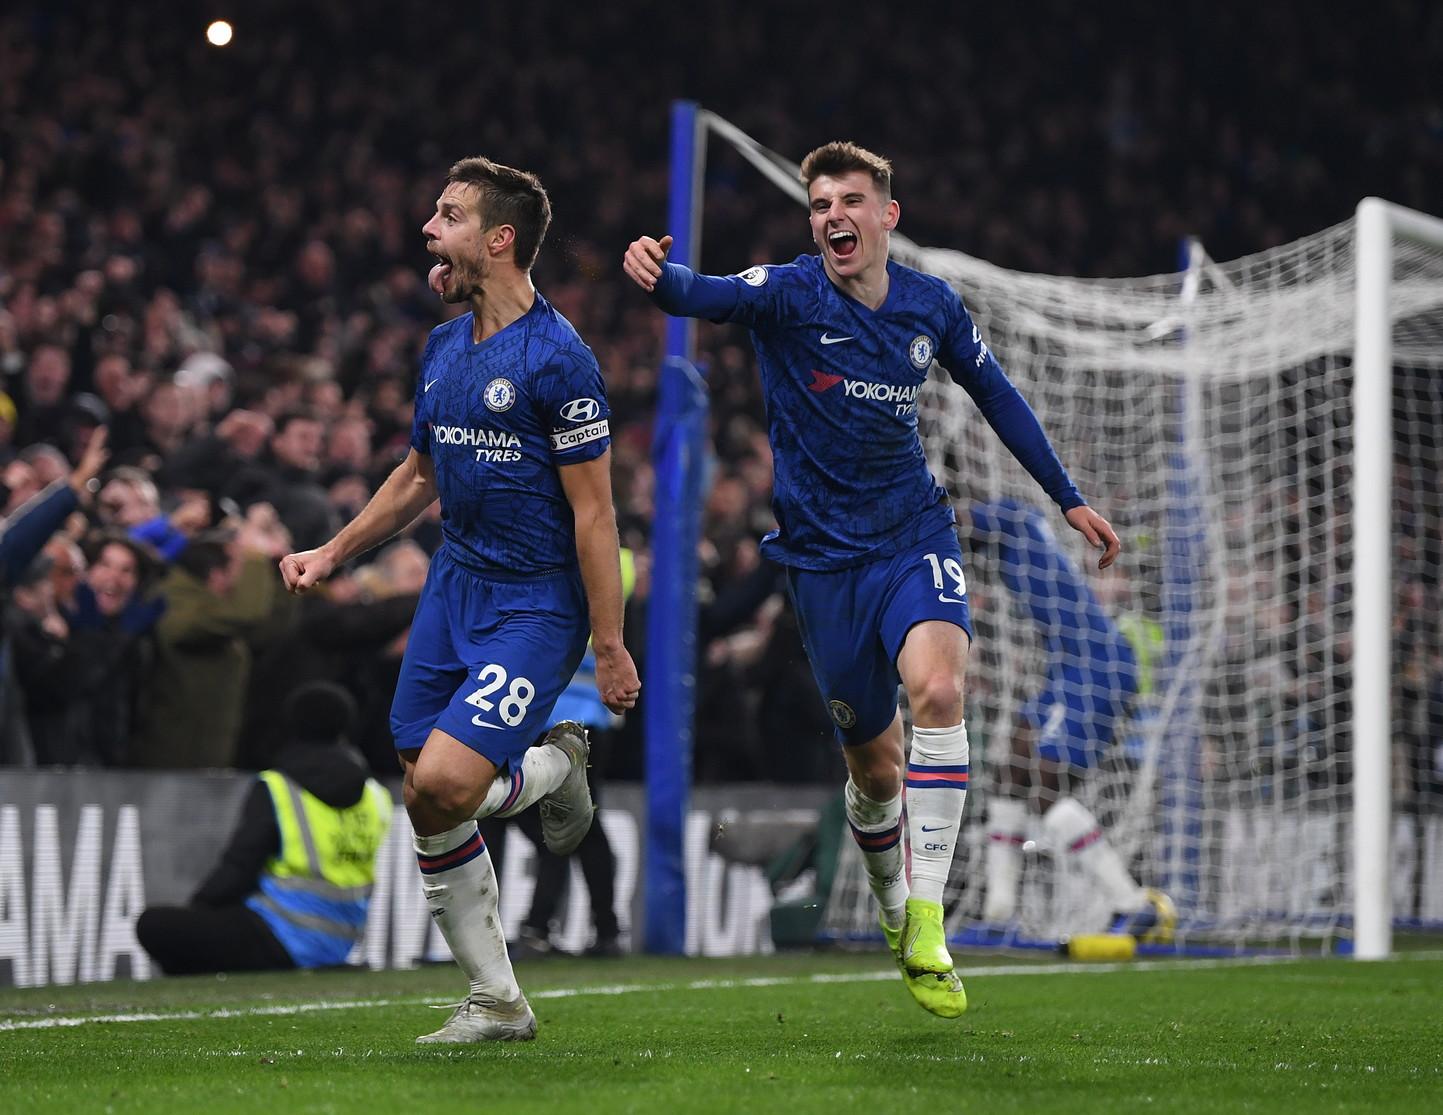 1) Chelsea: +205 milioni (45 spesi, 250 guadagnati)